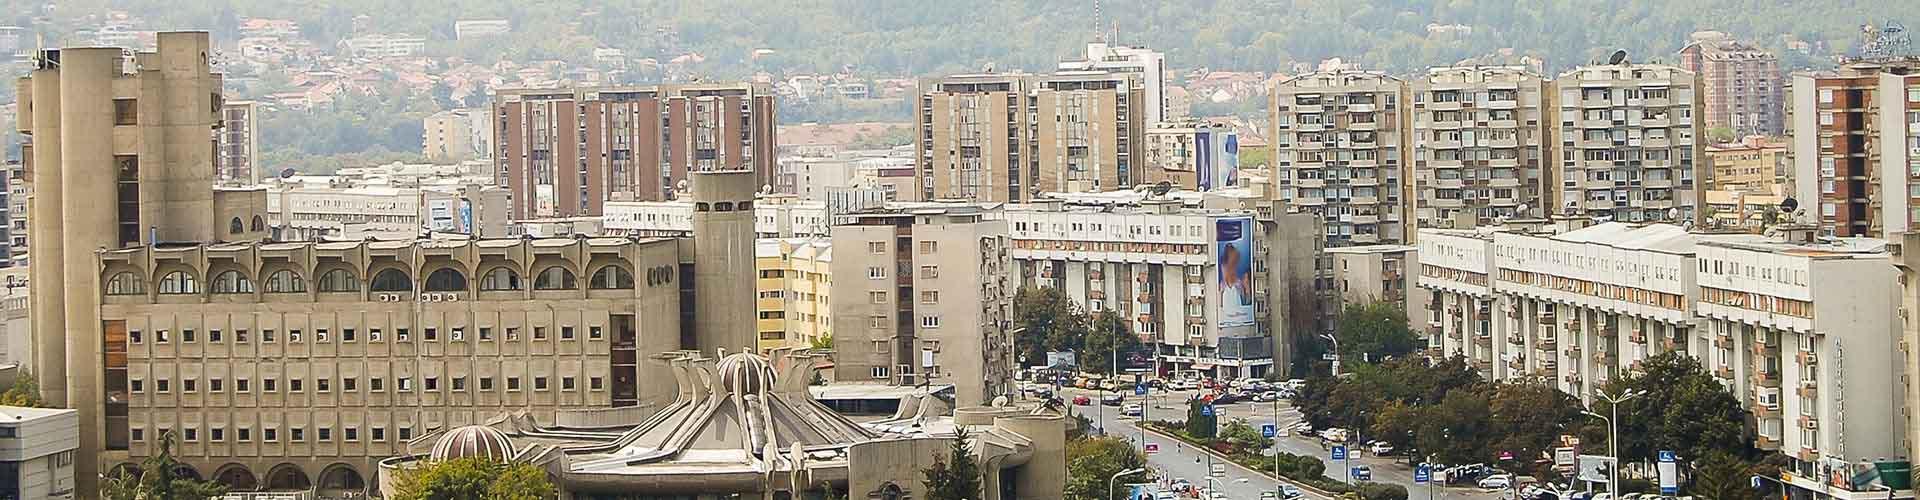 Skopje - Habitaciones en Skopje. Mapas de Skopje, Fotos y comentarios de cada Habitación en Skopje.